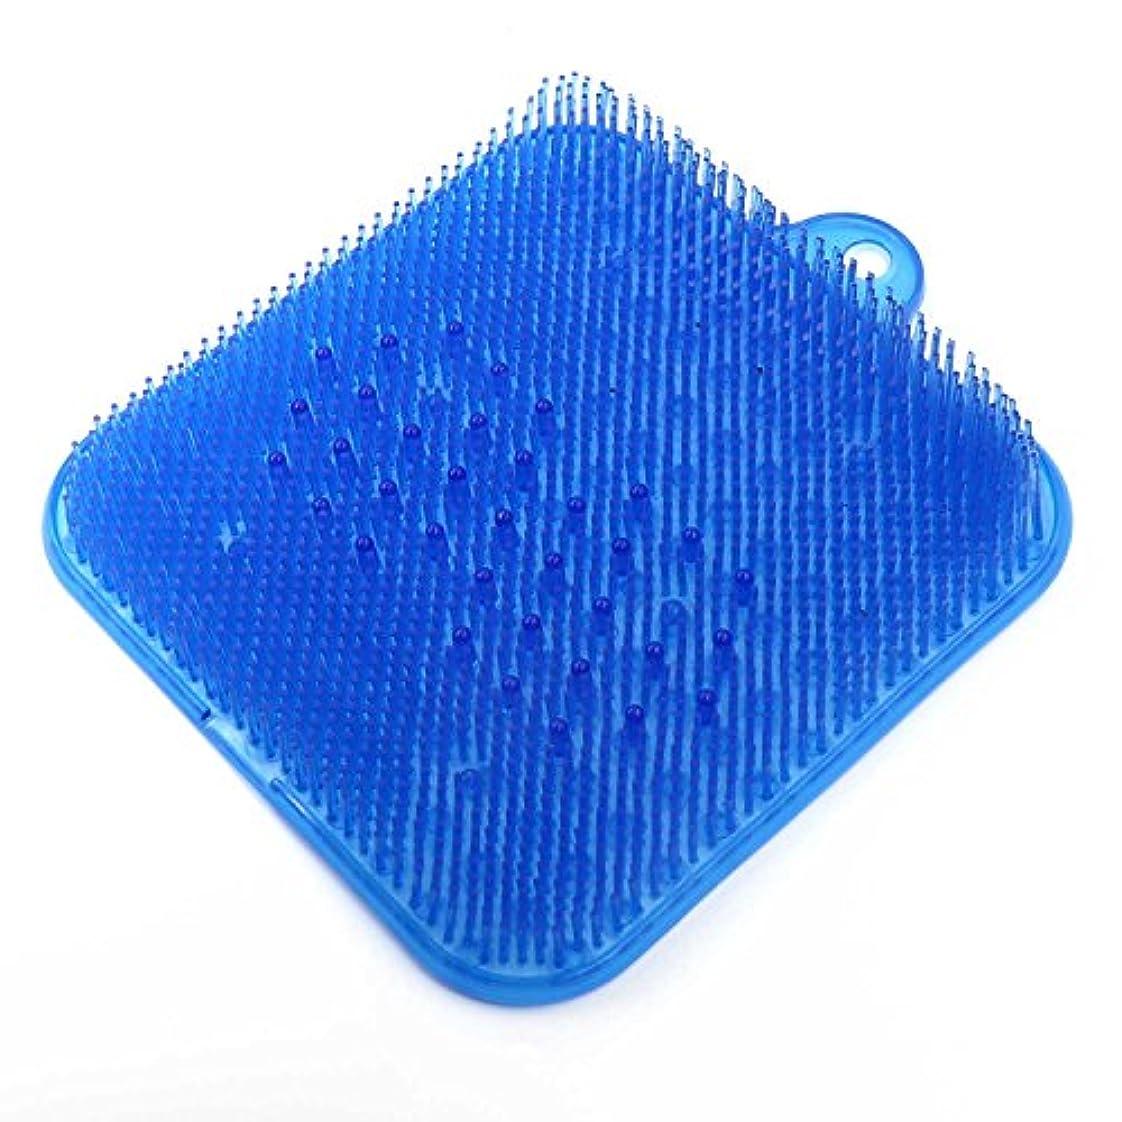 飢えロータリージェームズダイソンDigHealth 足洗いマット ブルー